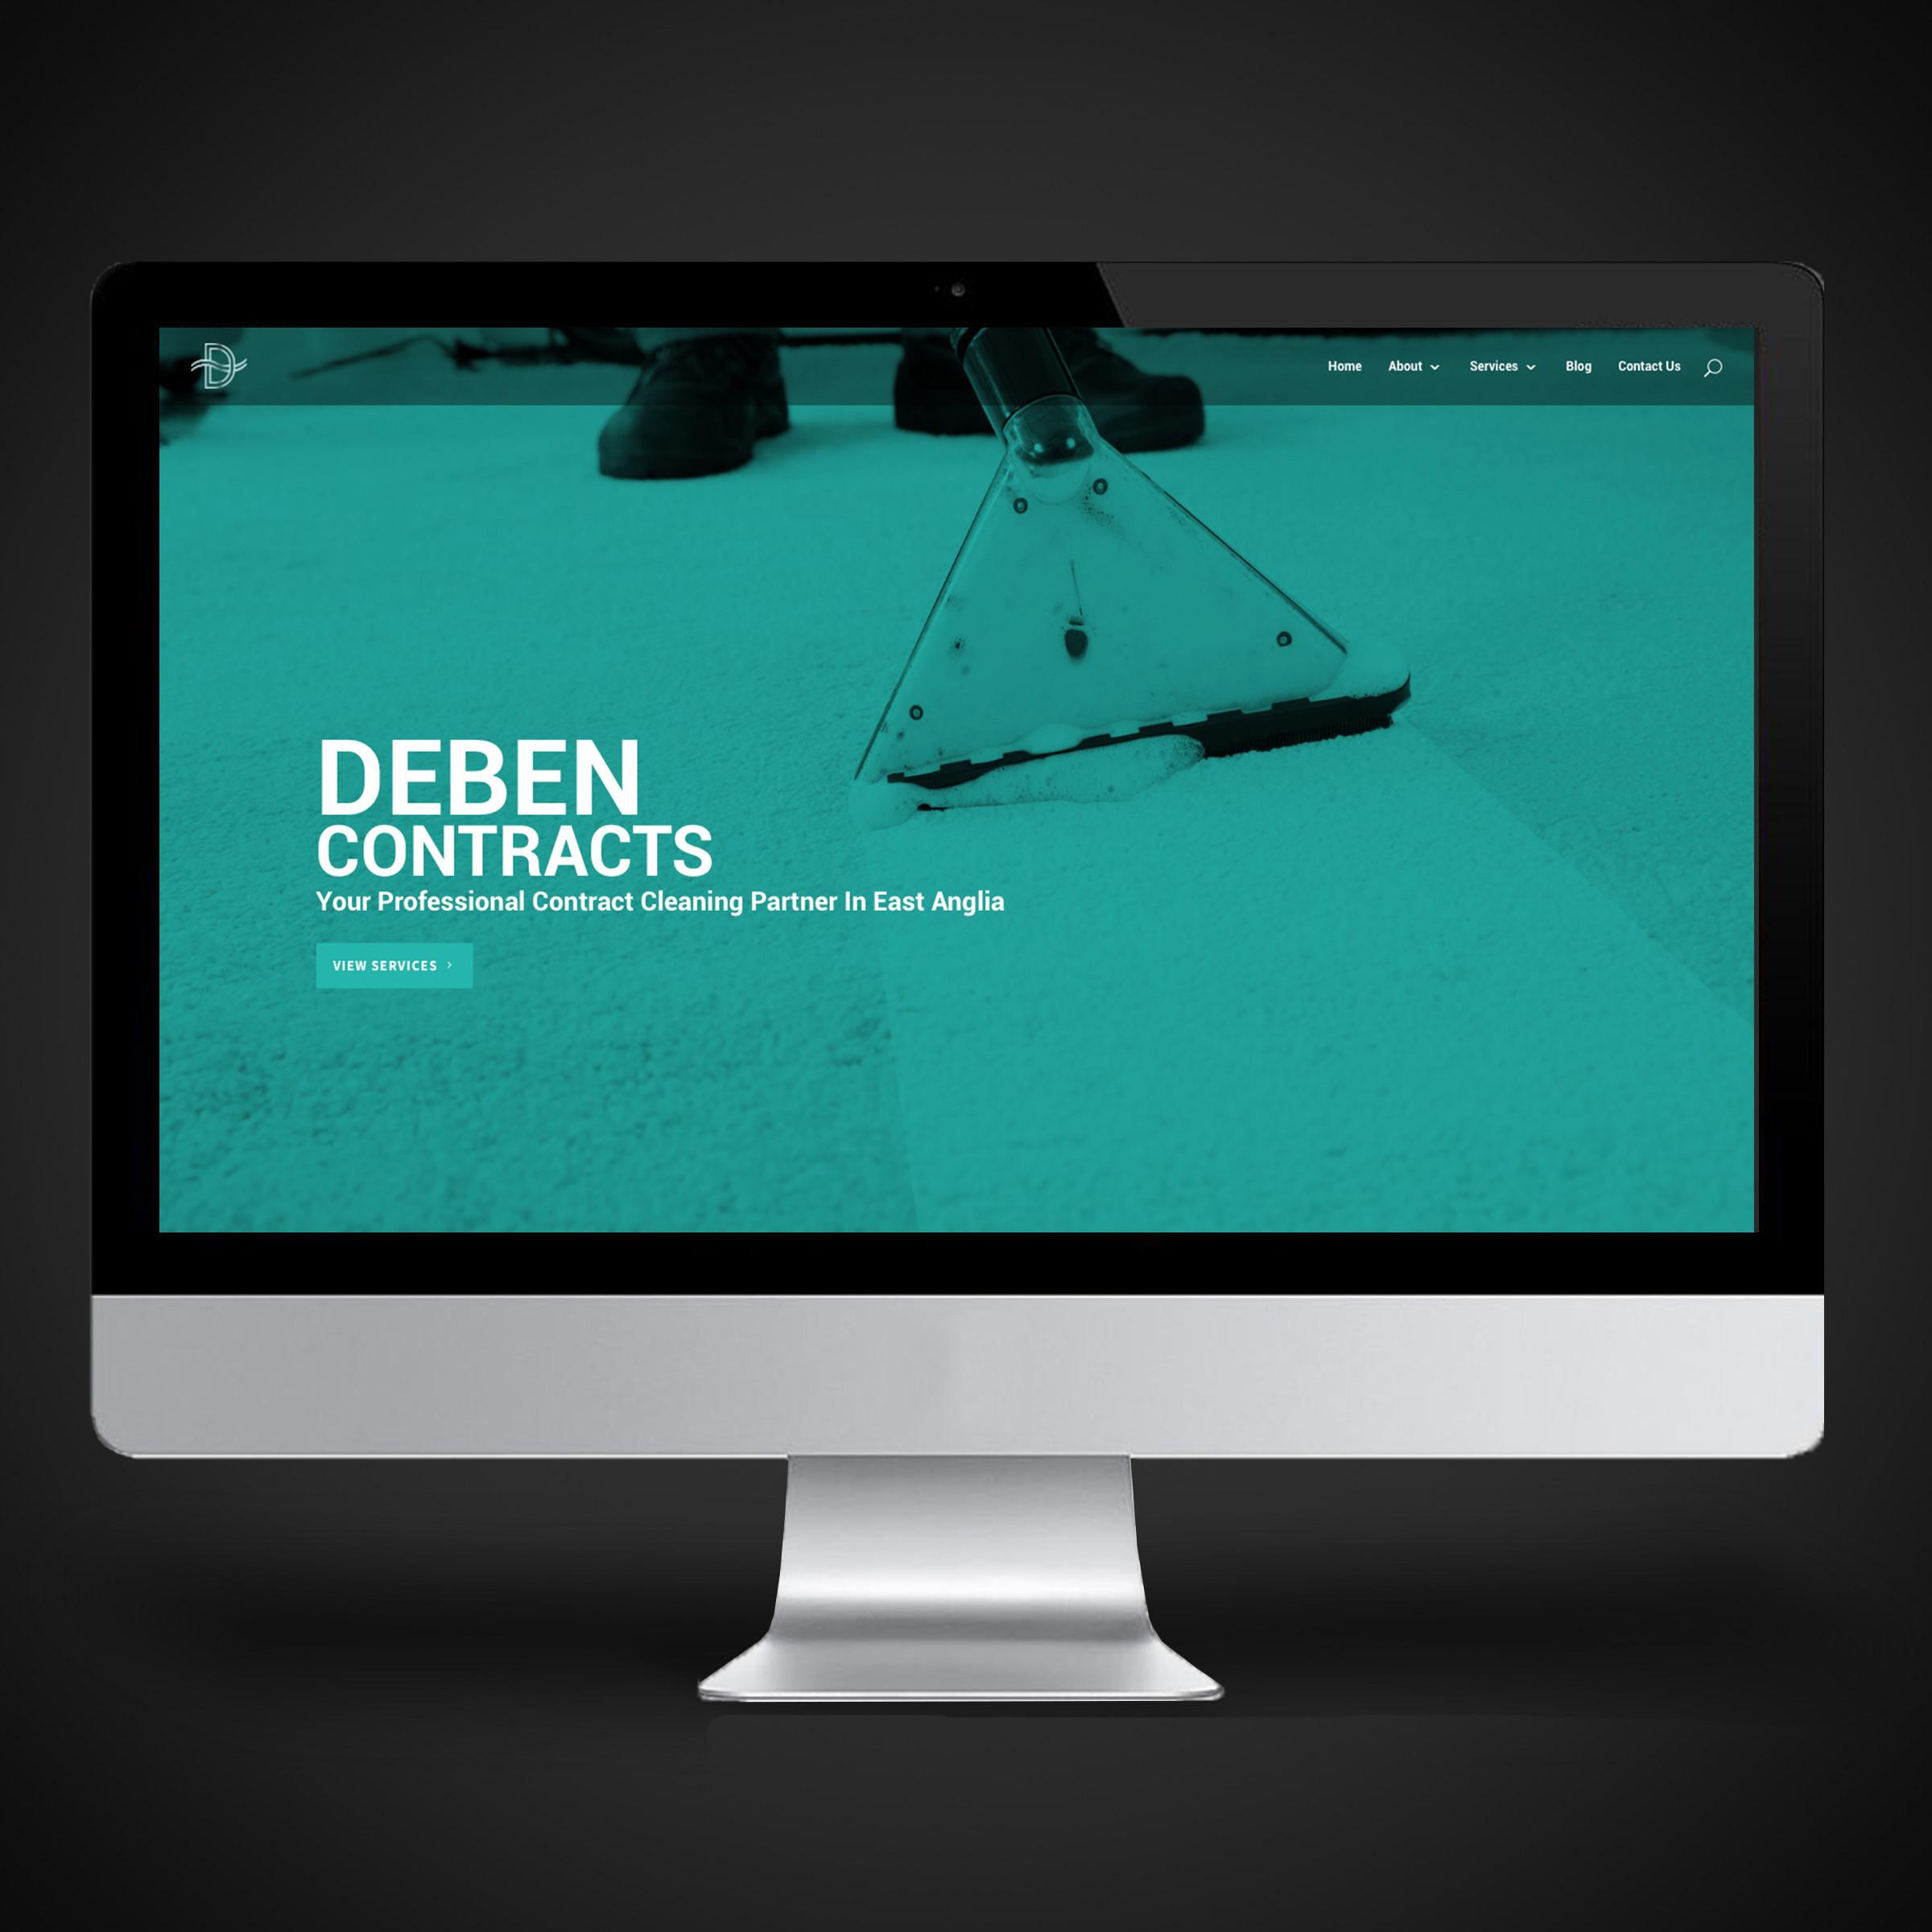 Deben Contracts Website design